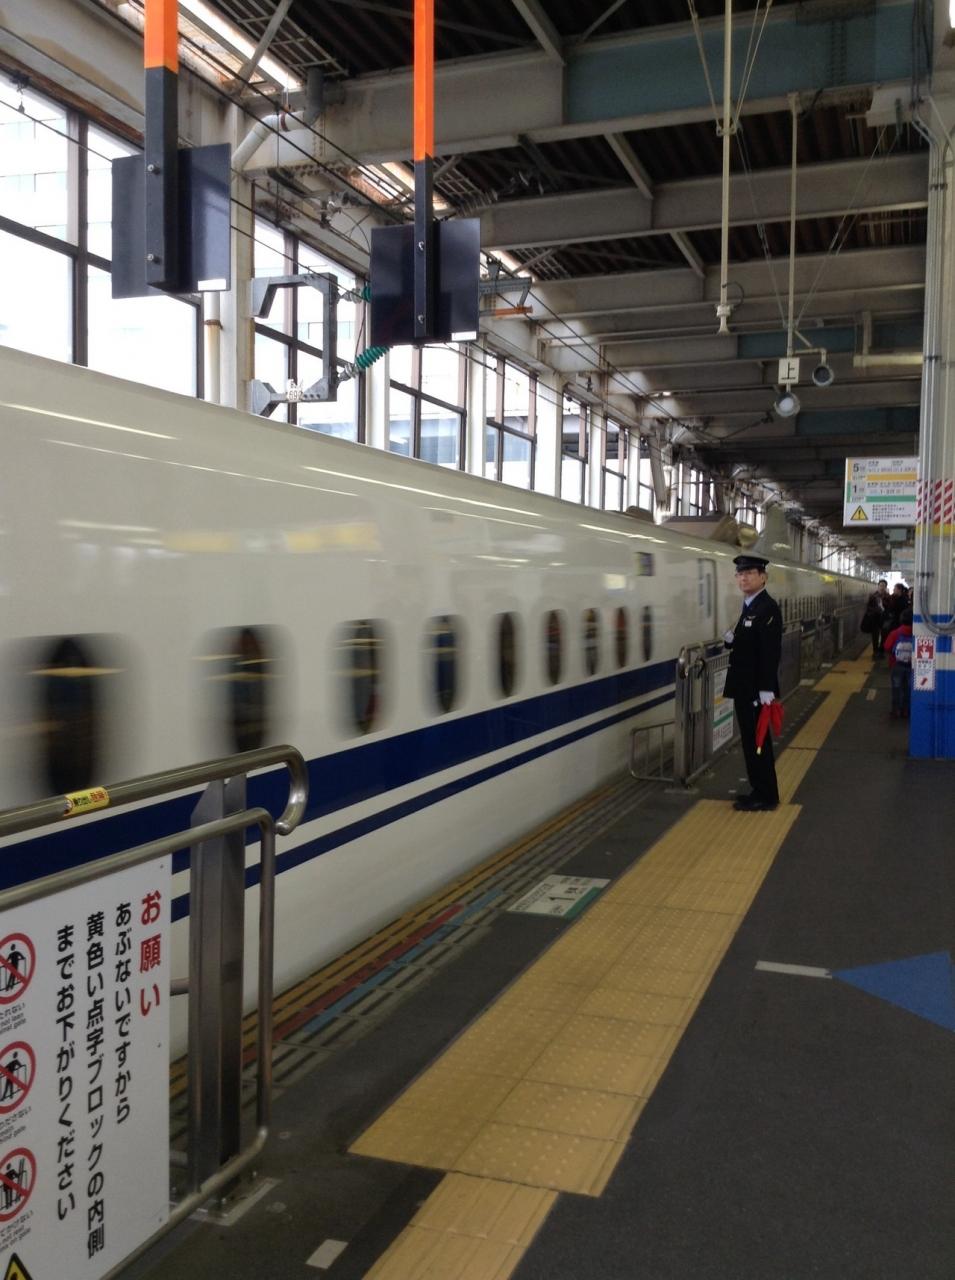 広島から東京へ、格安フリーパック旅行』品川(東京)の旅行記・ブログ by